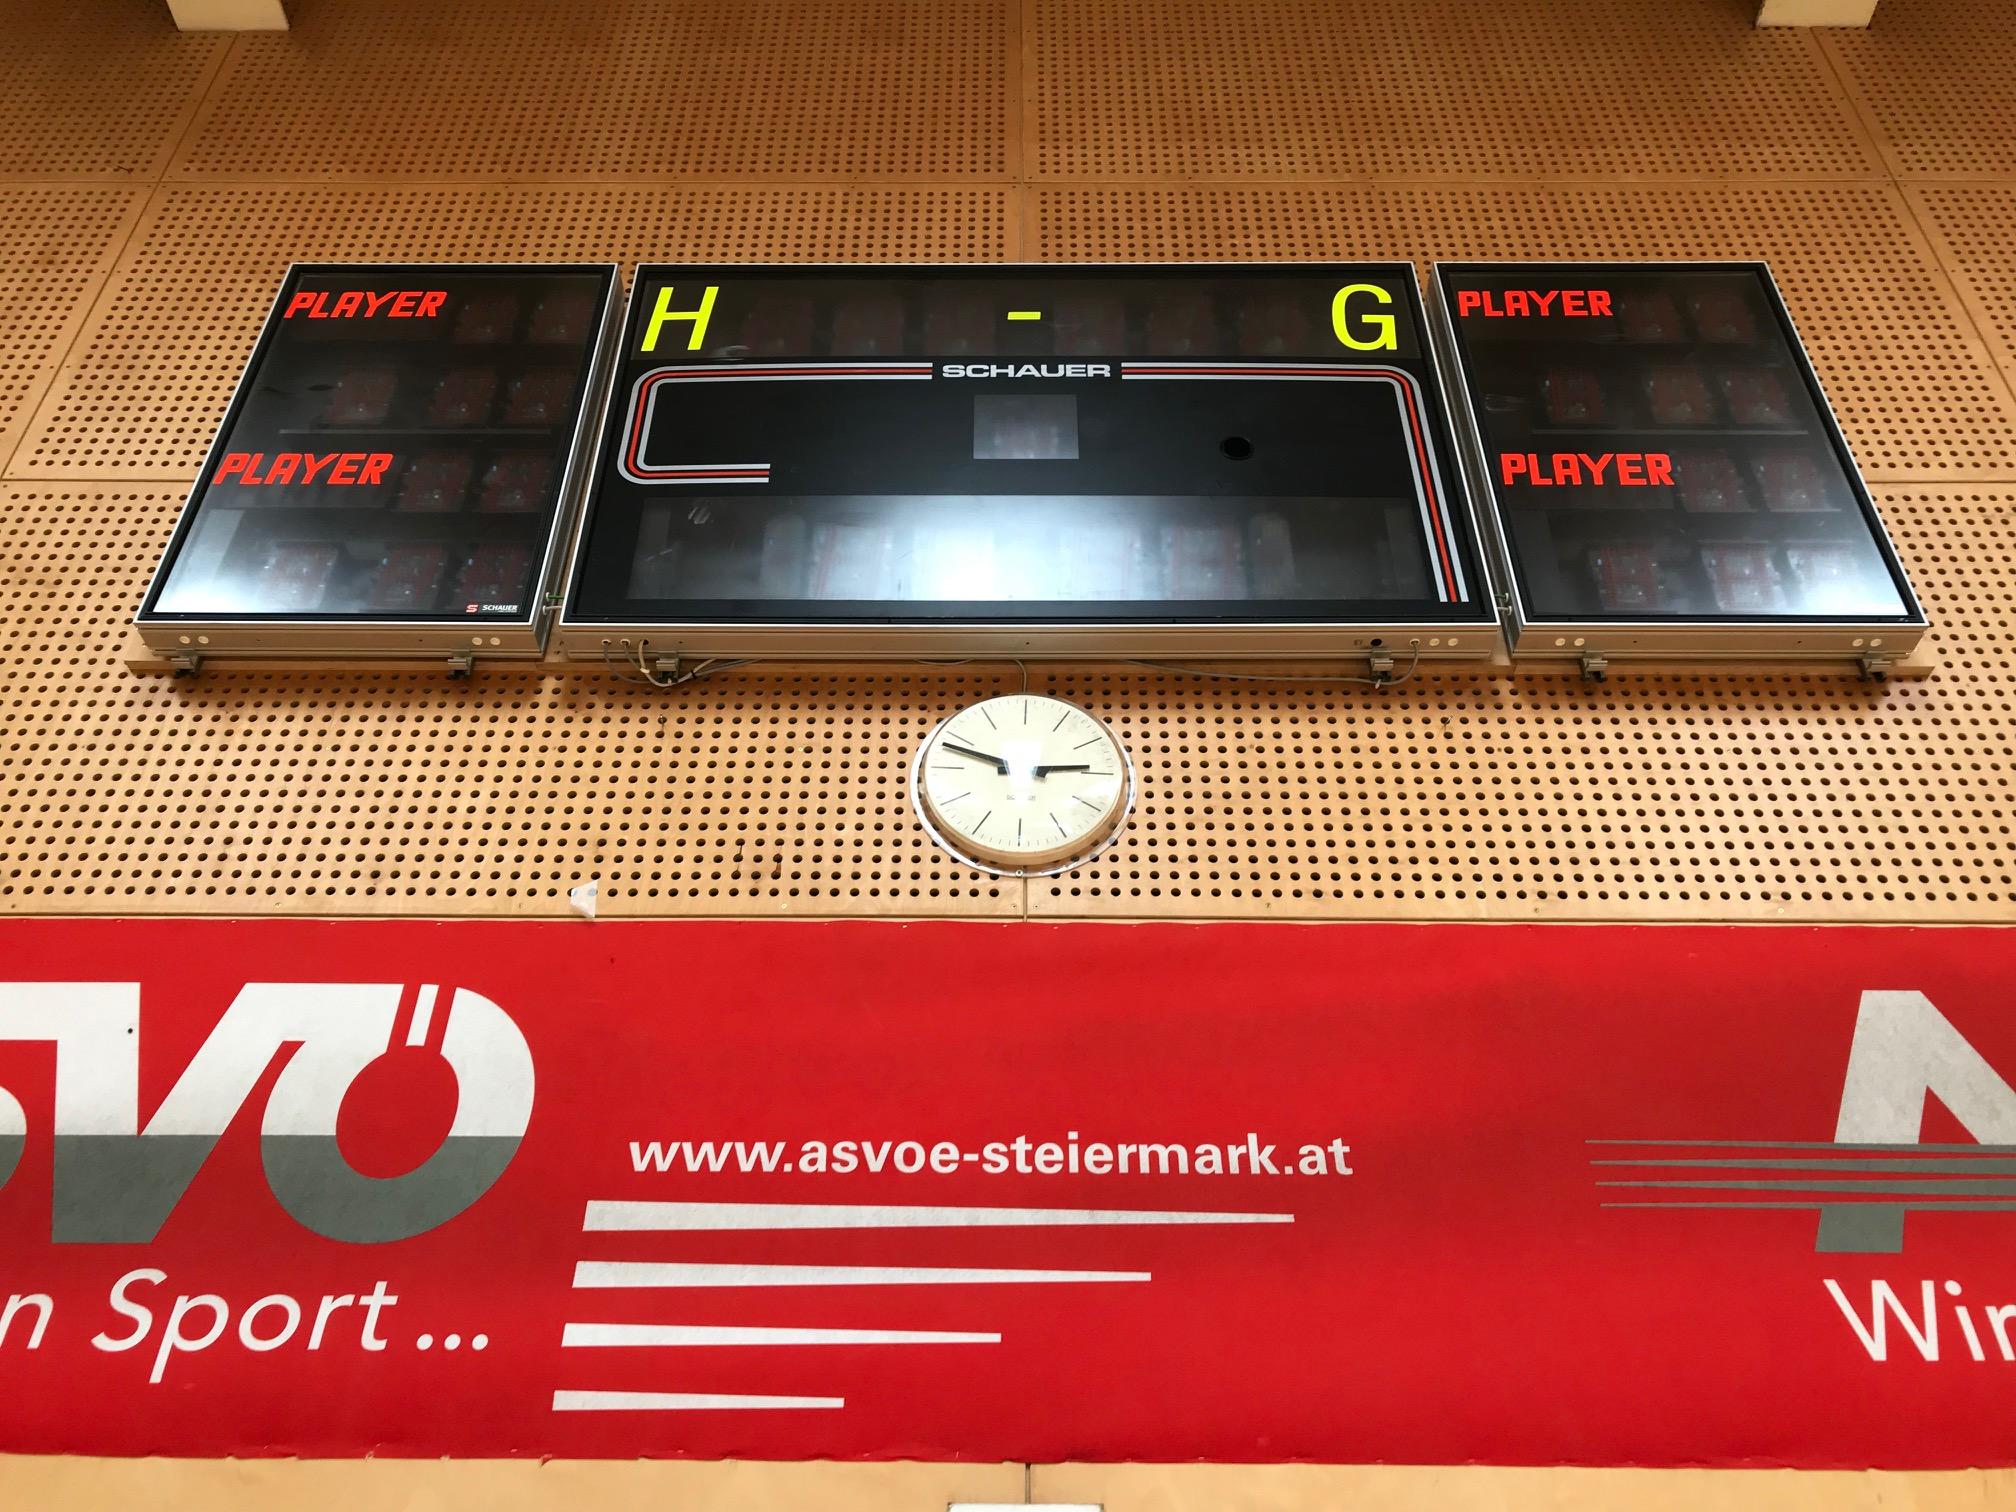 LED-Sportanzeigesystem zu verkaufen